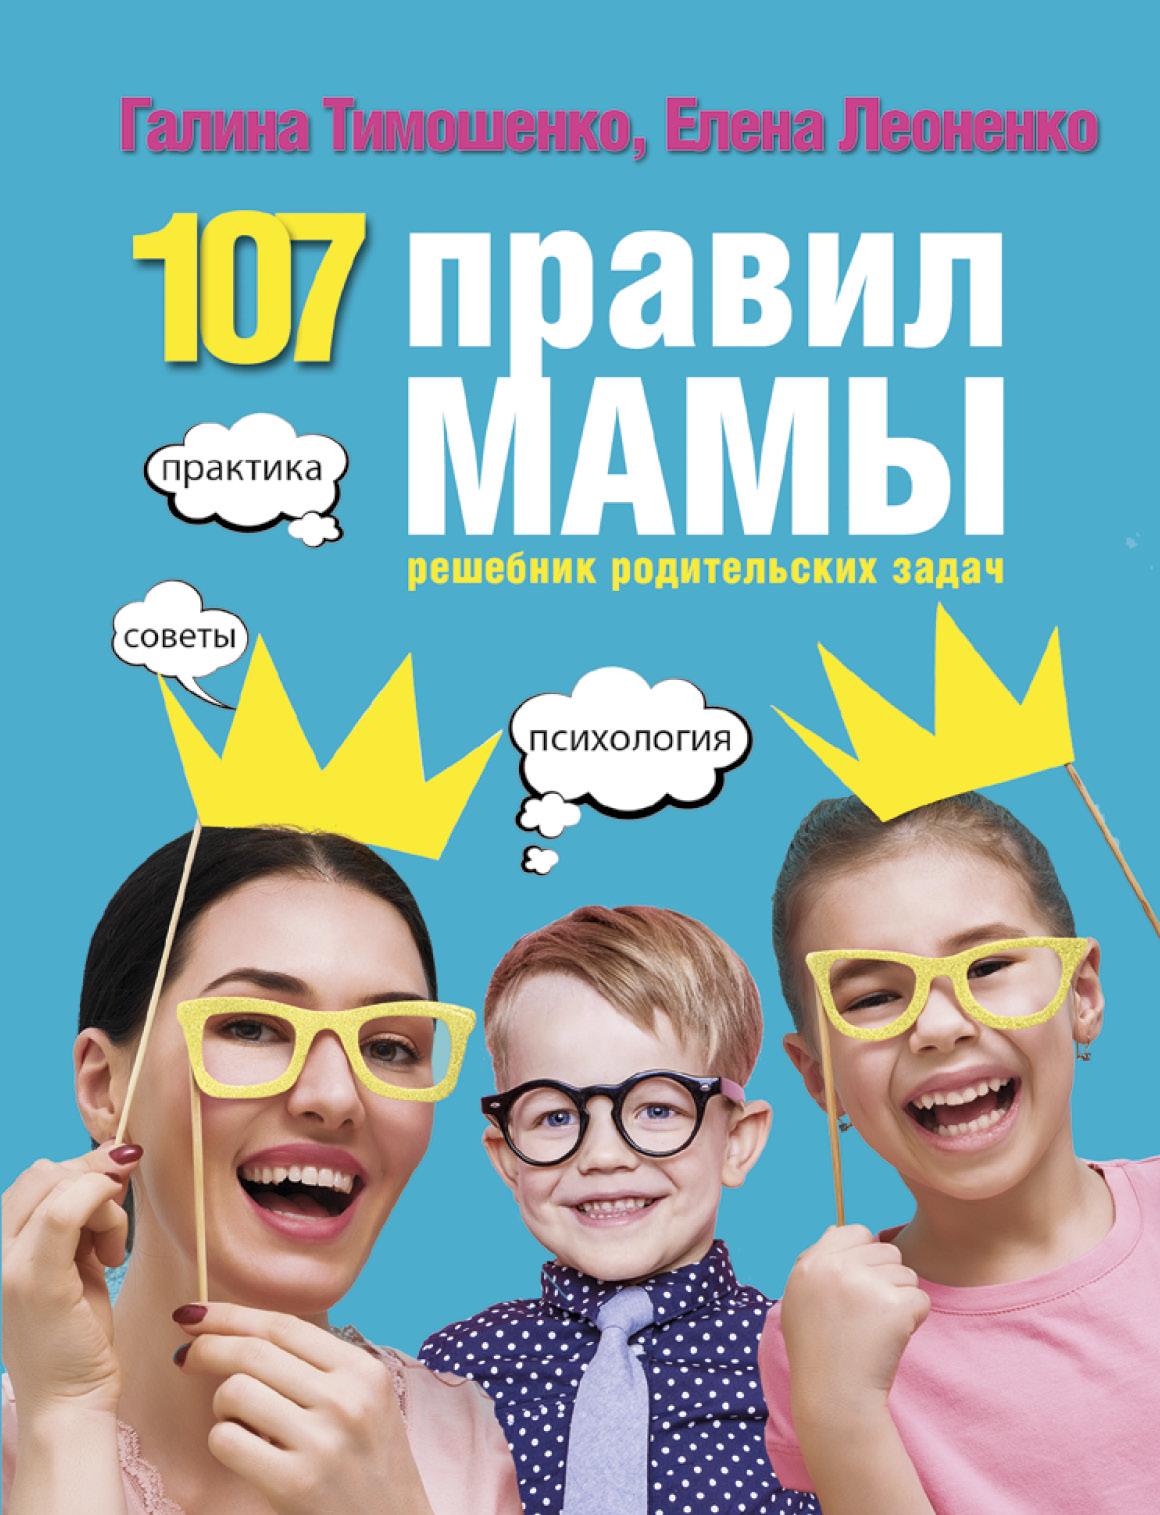 Галина Тимошенко 107 правил мамы. Решебник родительских задач тимошенко галина валентиновна леоненко елена анатольевна манипуляции в которые играют люди